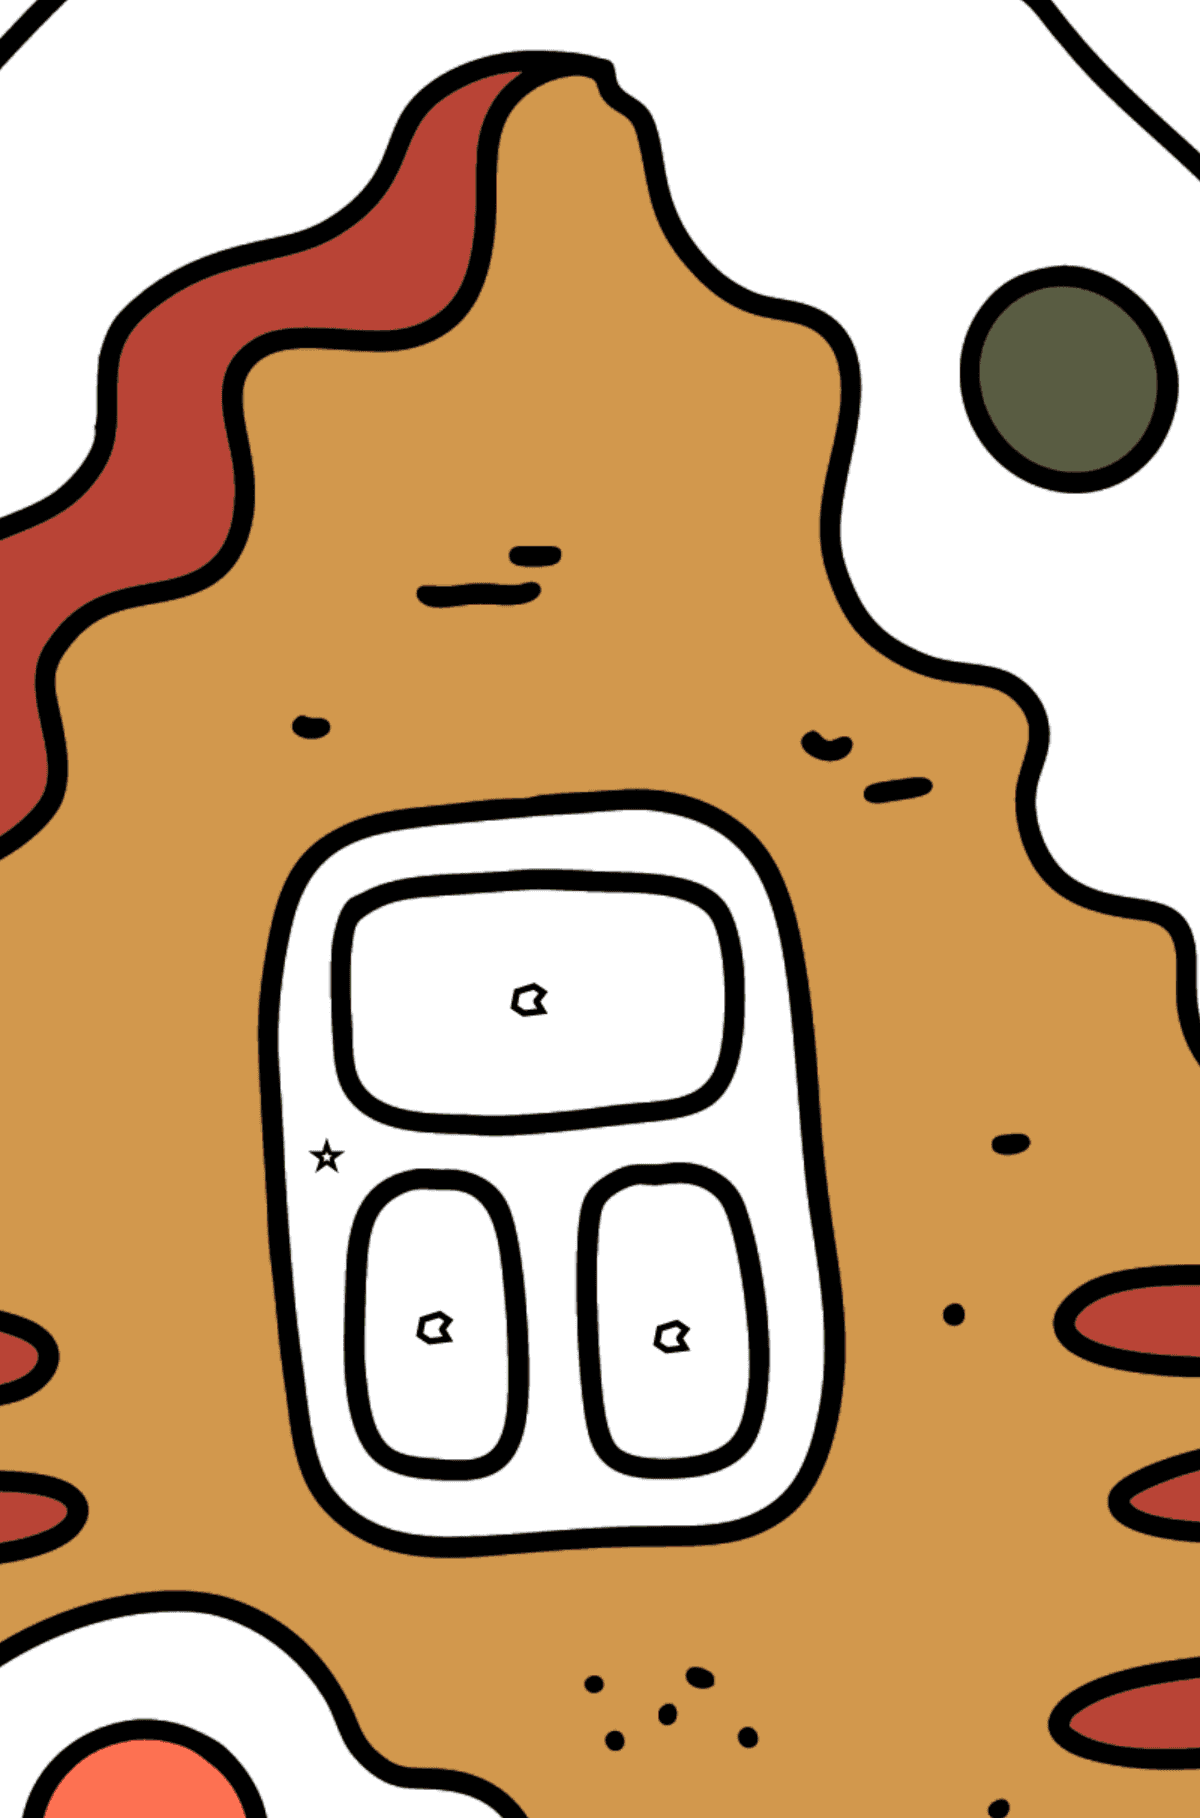 Раскраска красивый пряничный домик - Раскраска по Геометрическим Фигурам для Детей